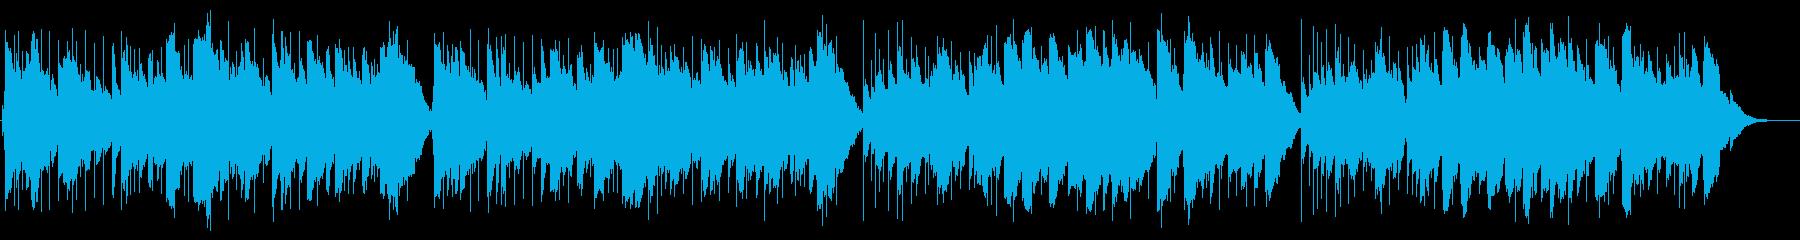 メヌエット・ト長調のオルゴールアレンジの再生済みの波形